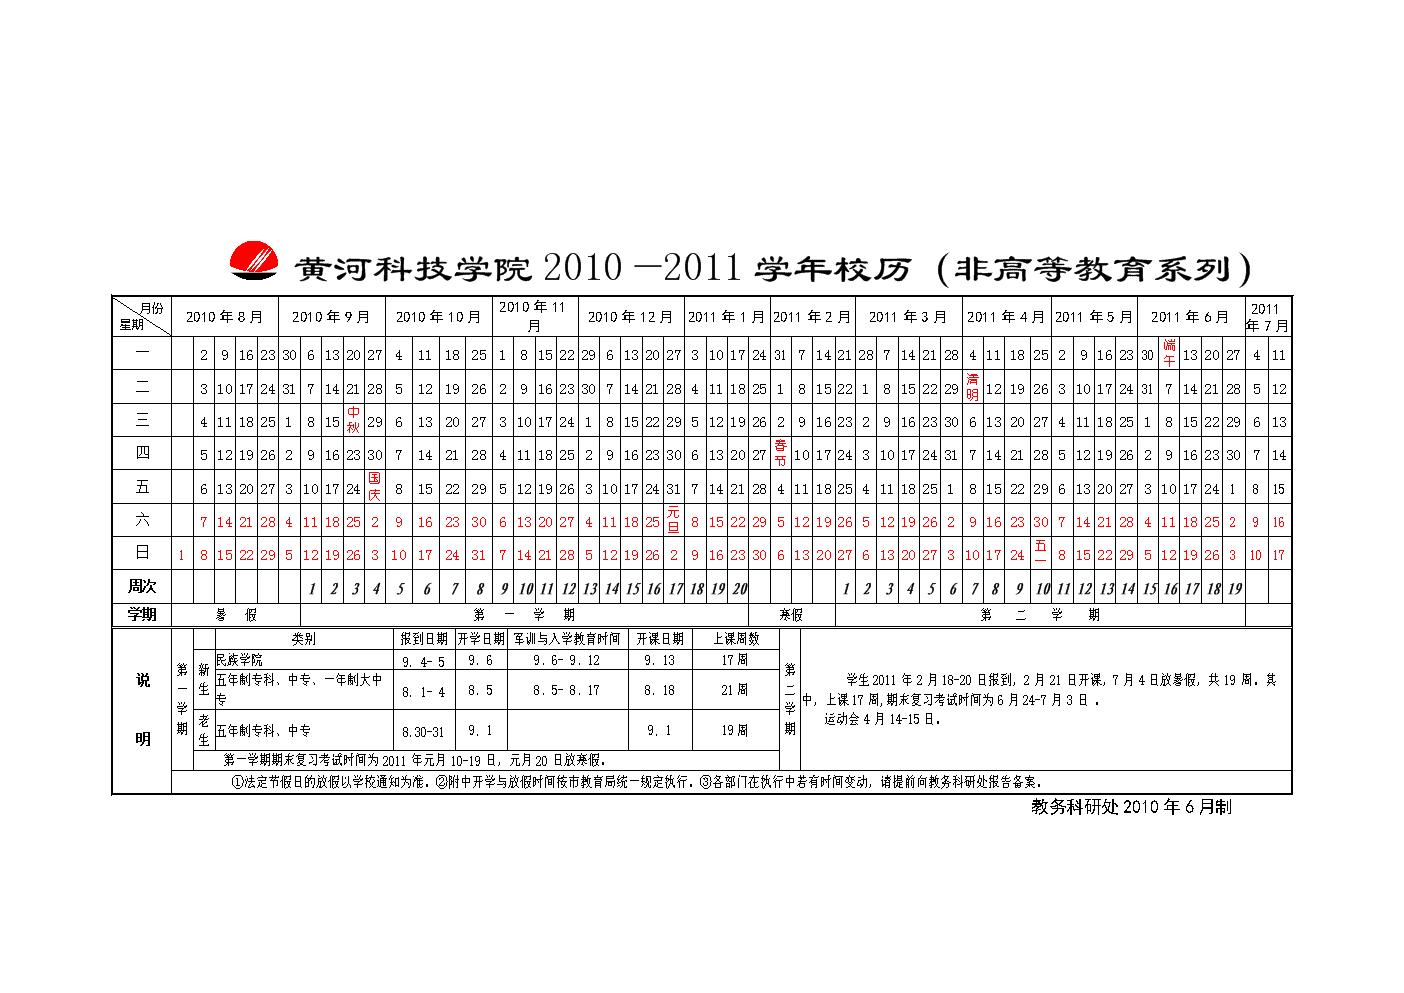 黄河科技学院2010—2011学年校历非高等教育系列.doc